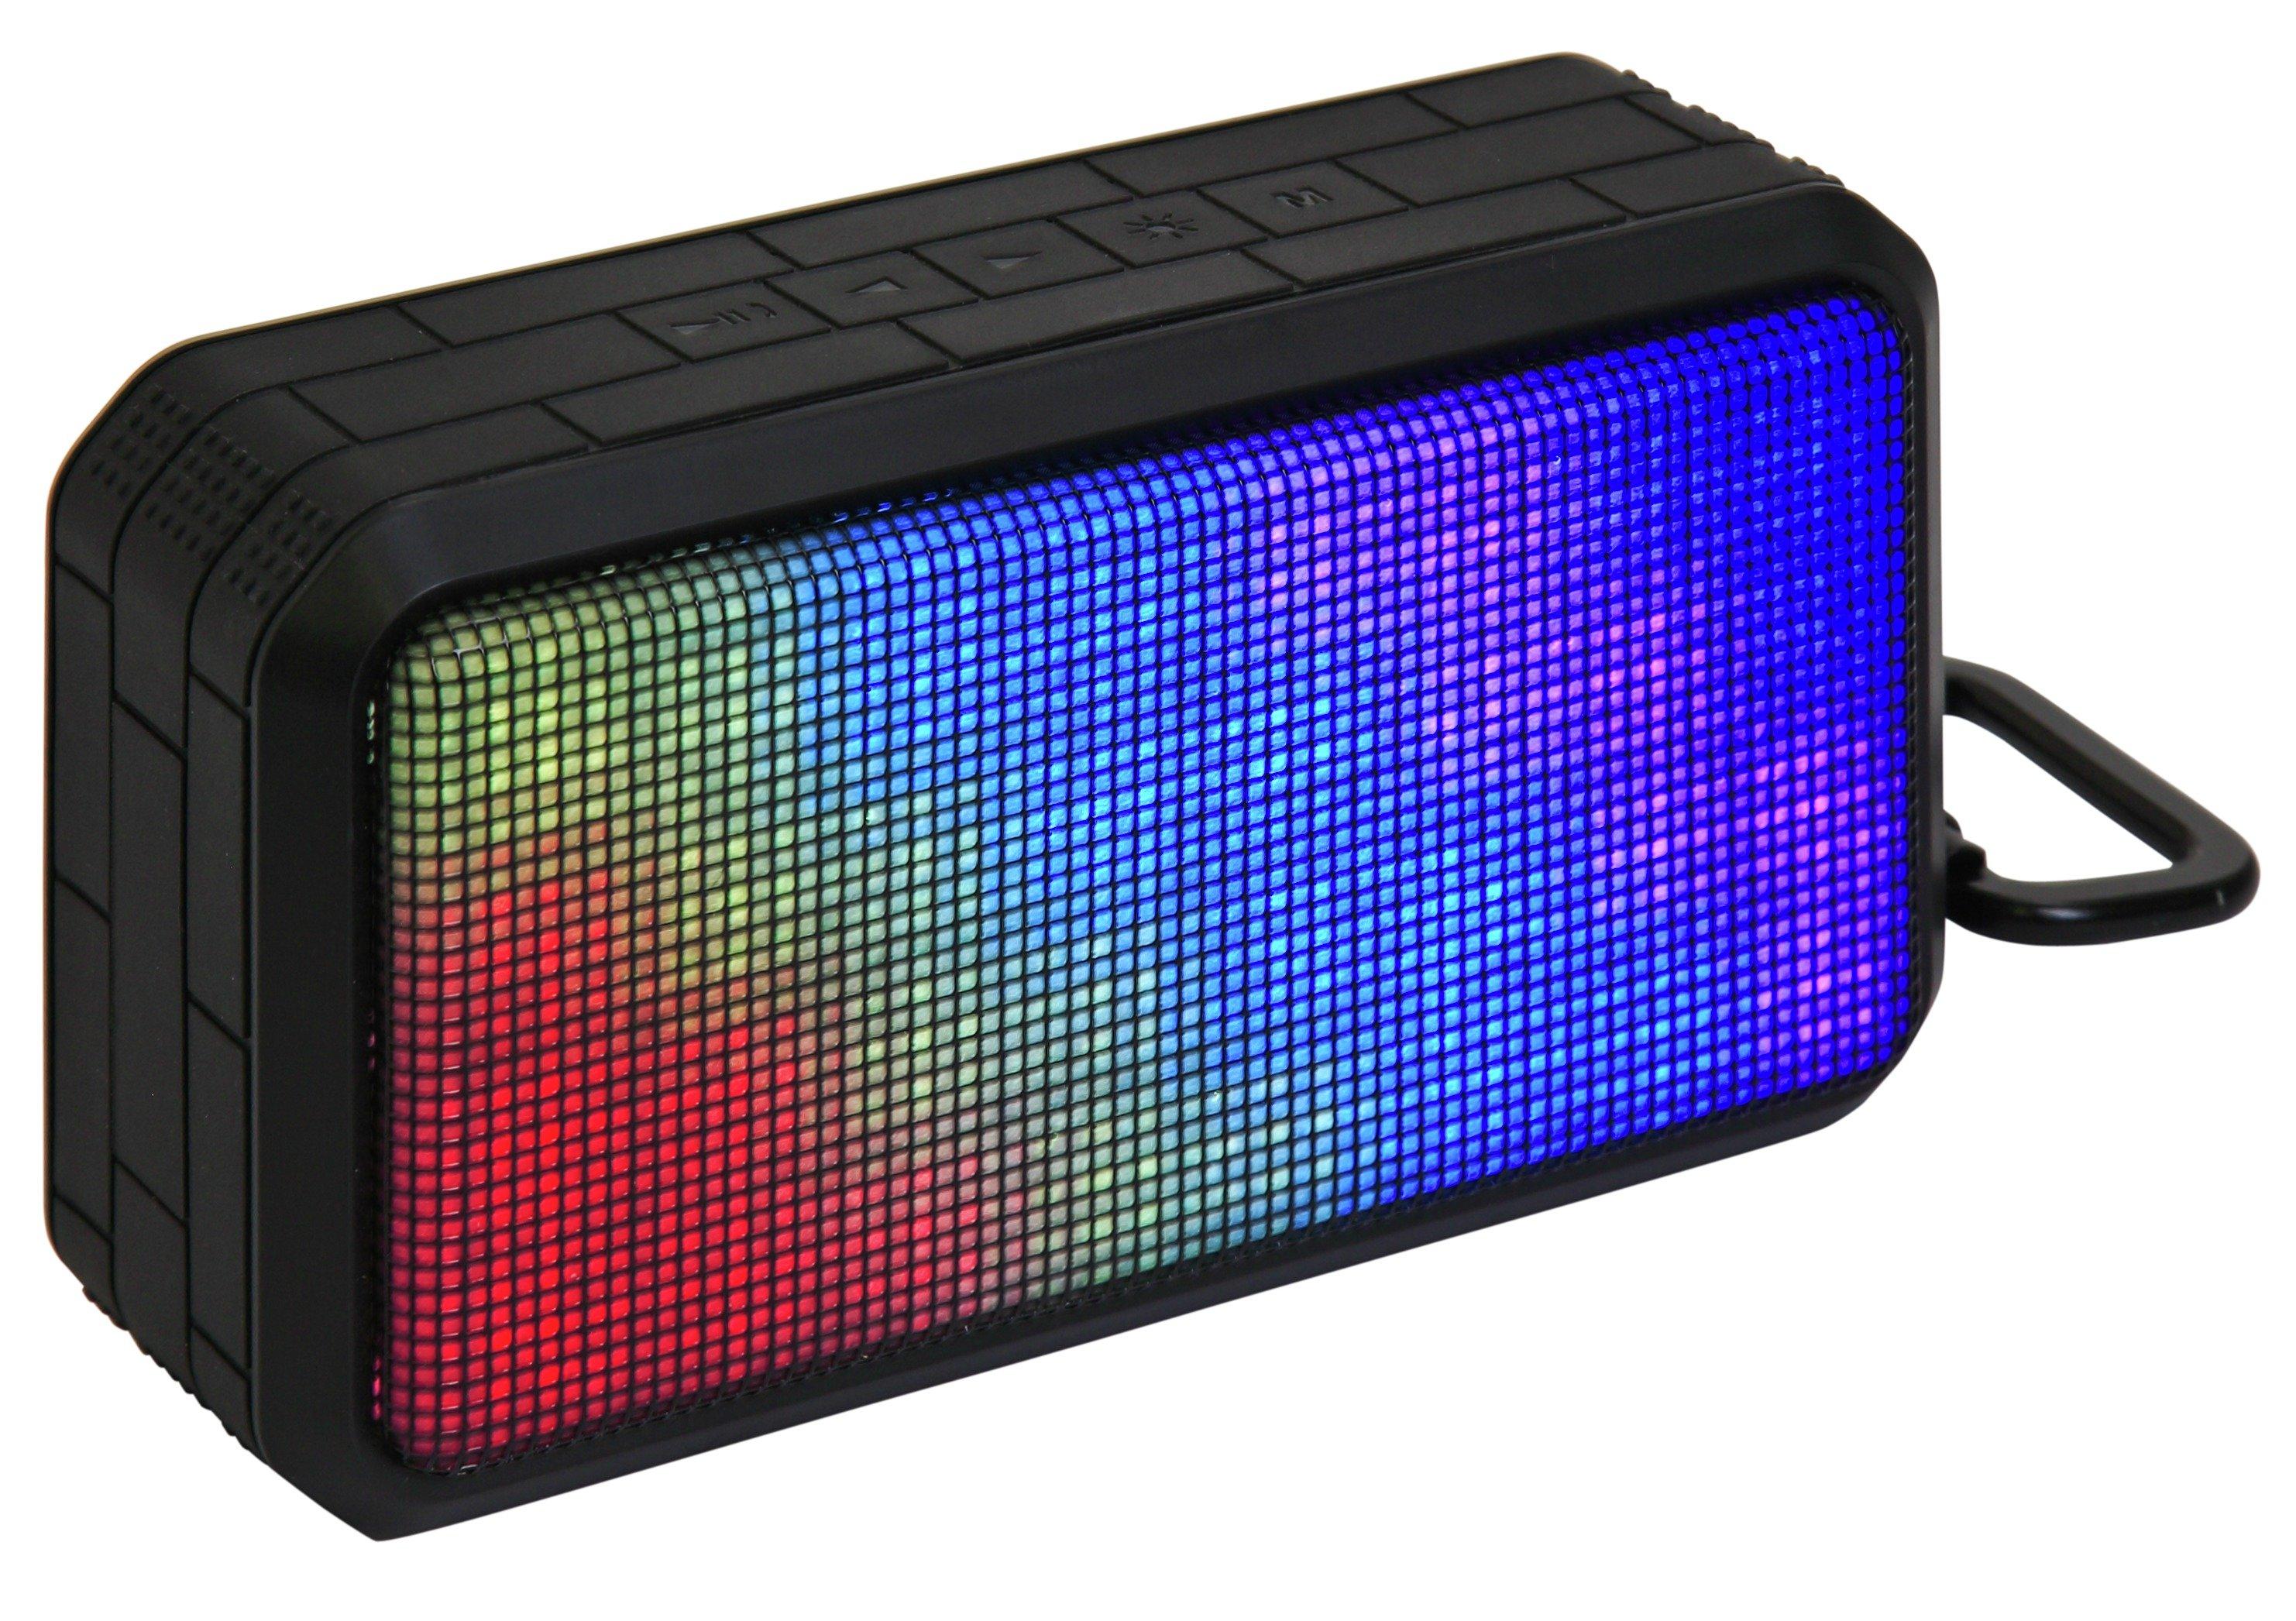 Image of Bush - LED Speaker